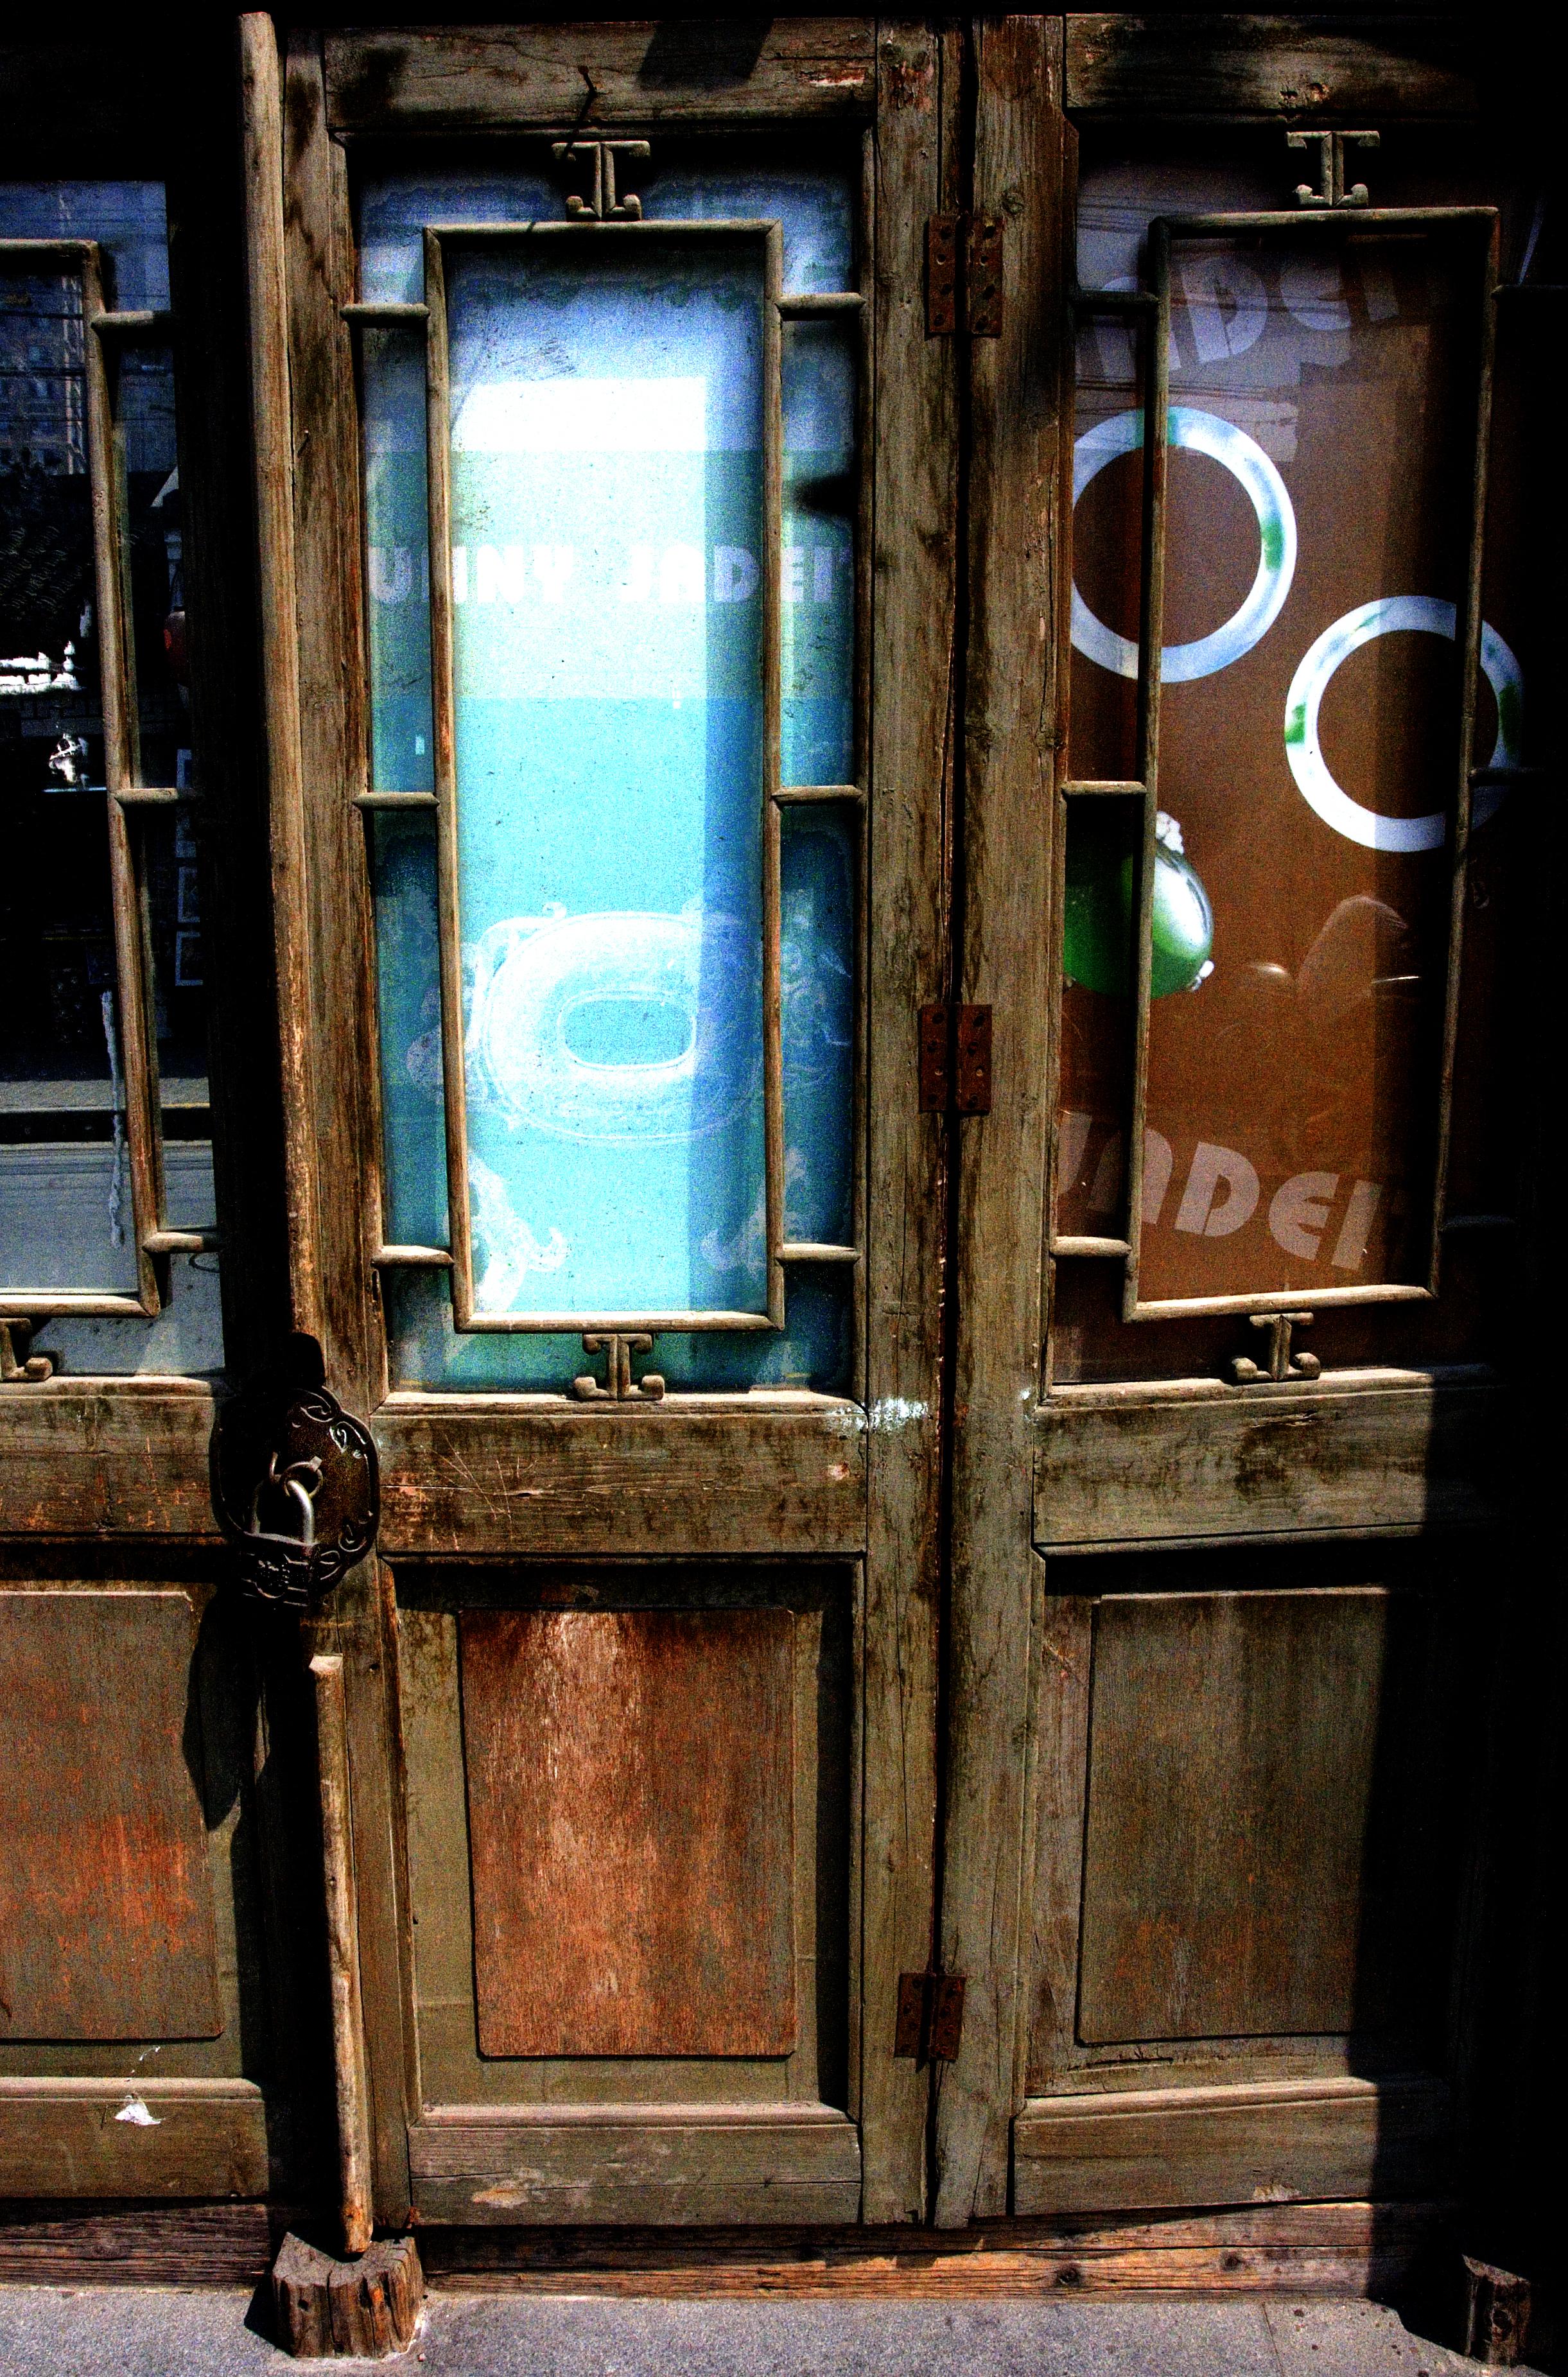 The Blue Glass Door